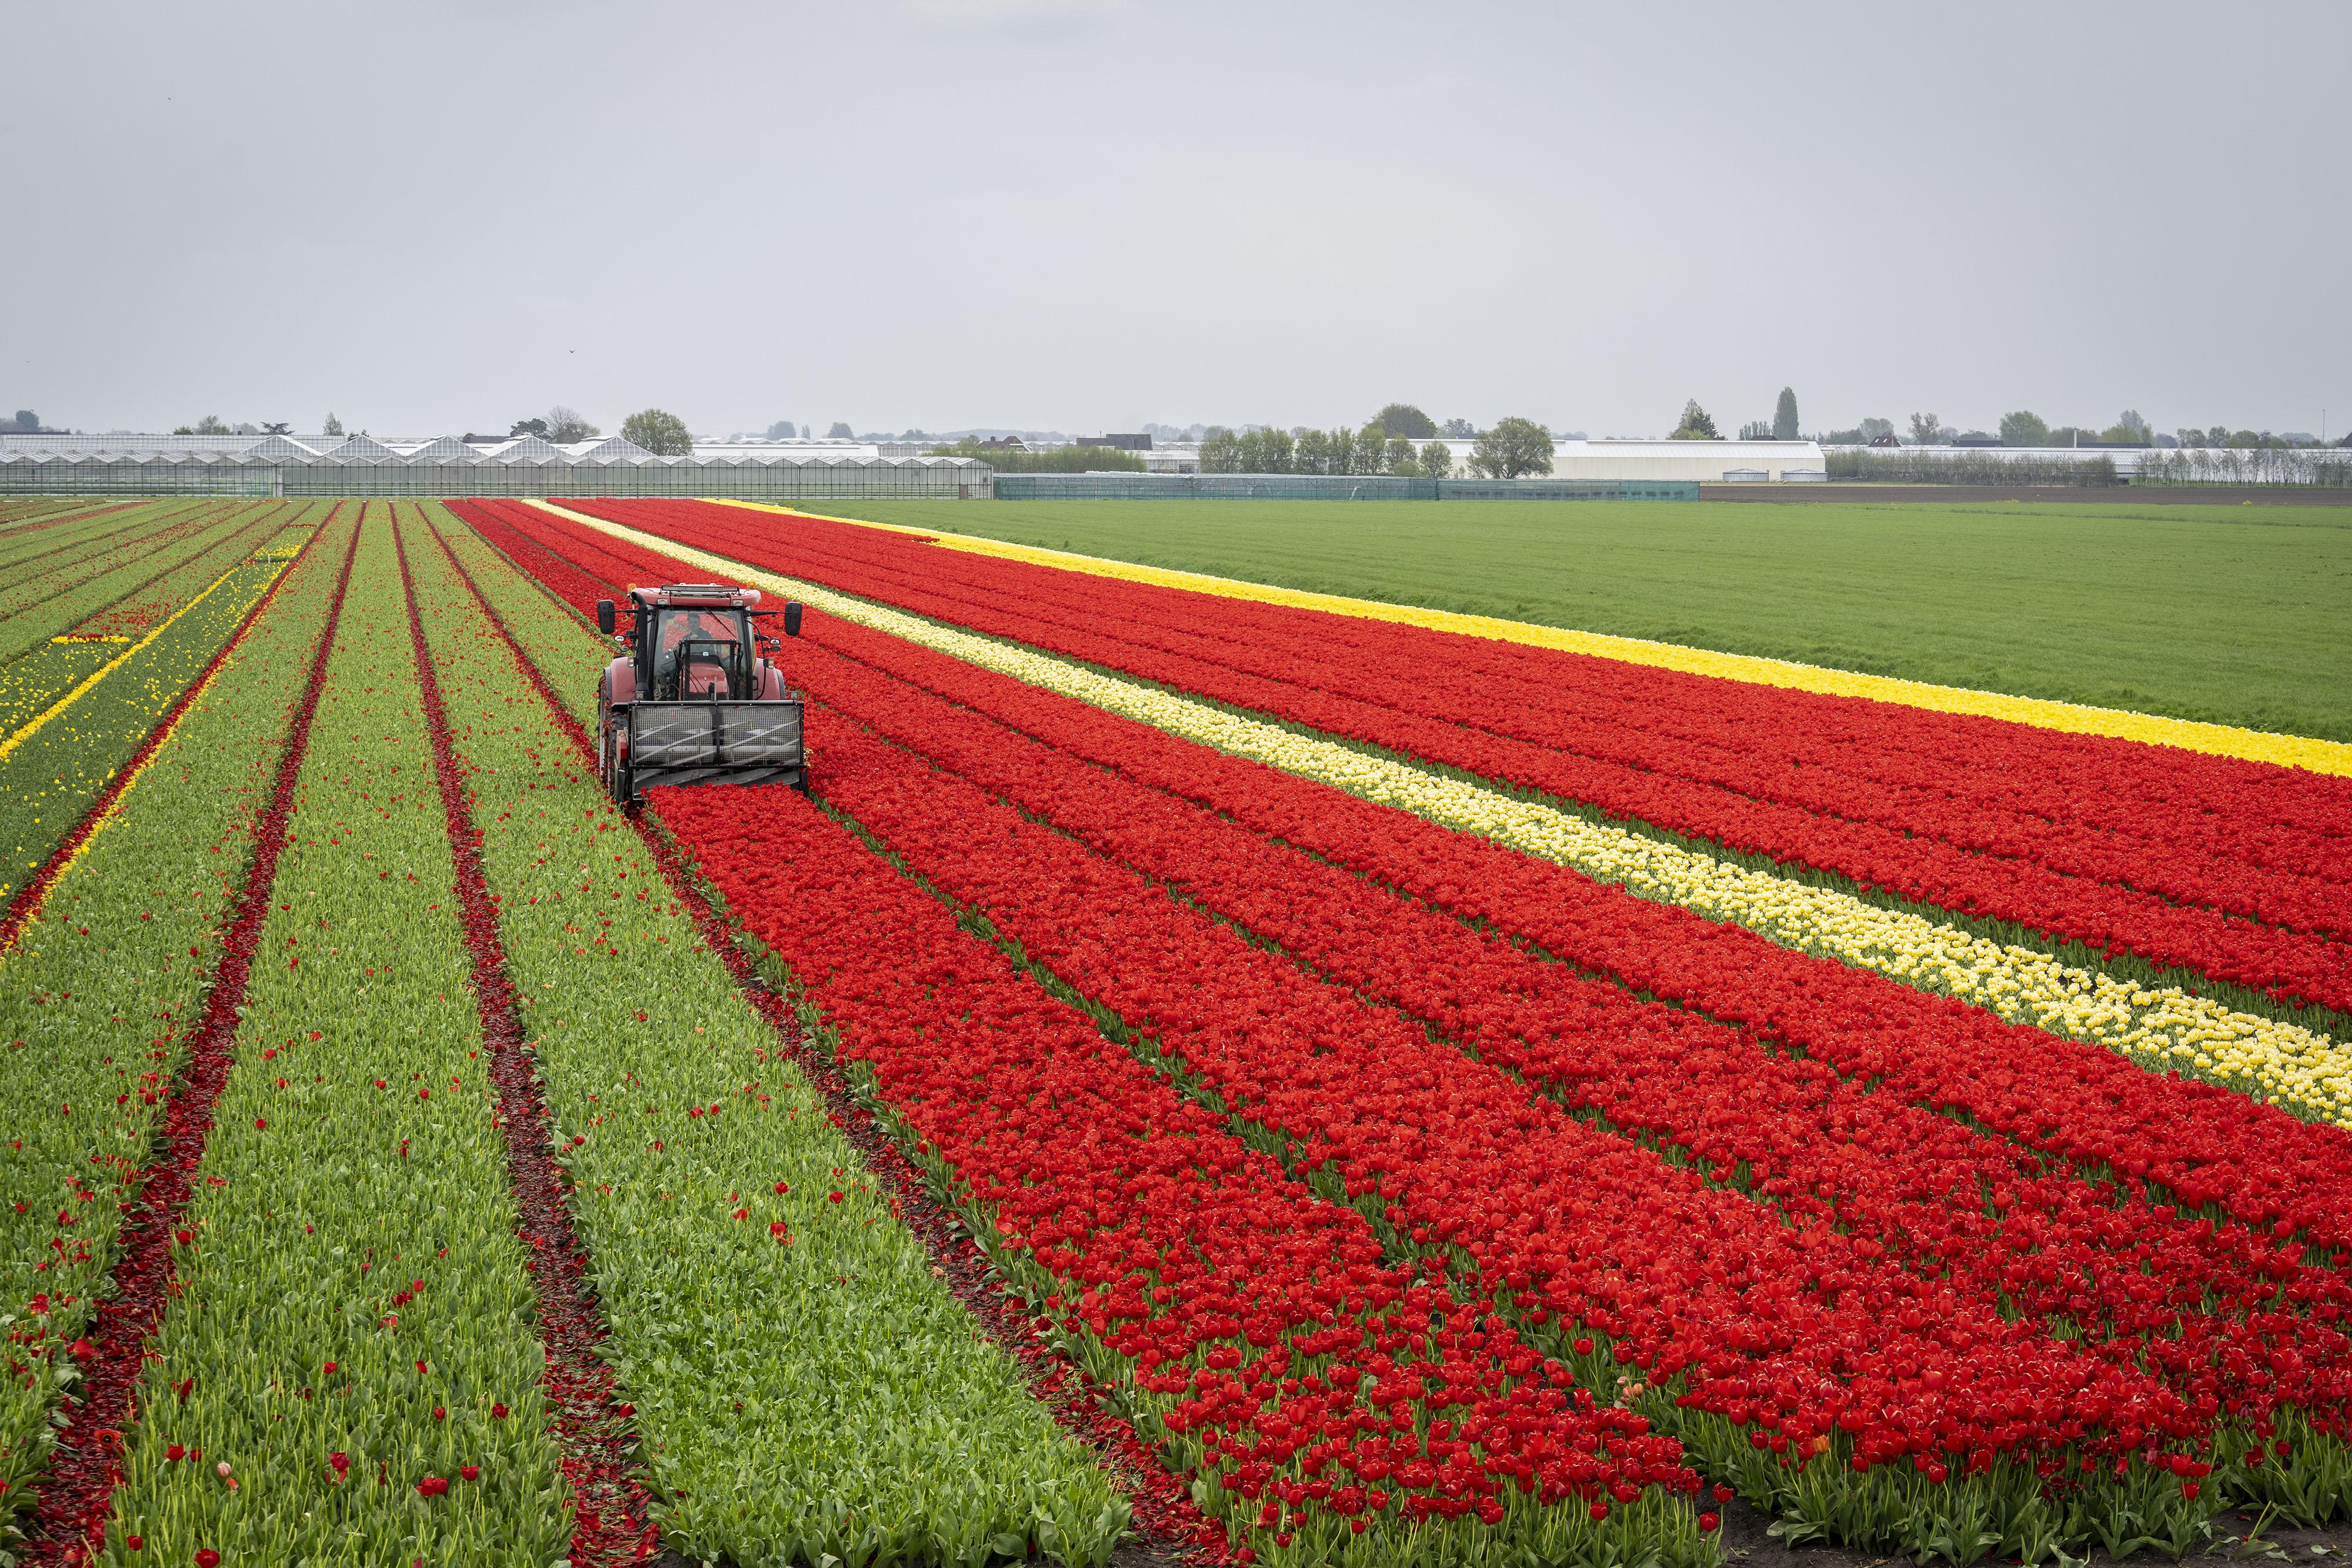 Loeren bij de boeren: Frans van der Slot met kopmachine aan de slag; 'Een mooi en strak groen veld vind ik ook prachtig'